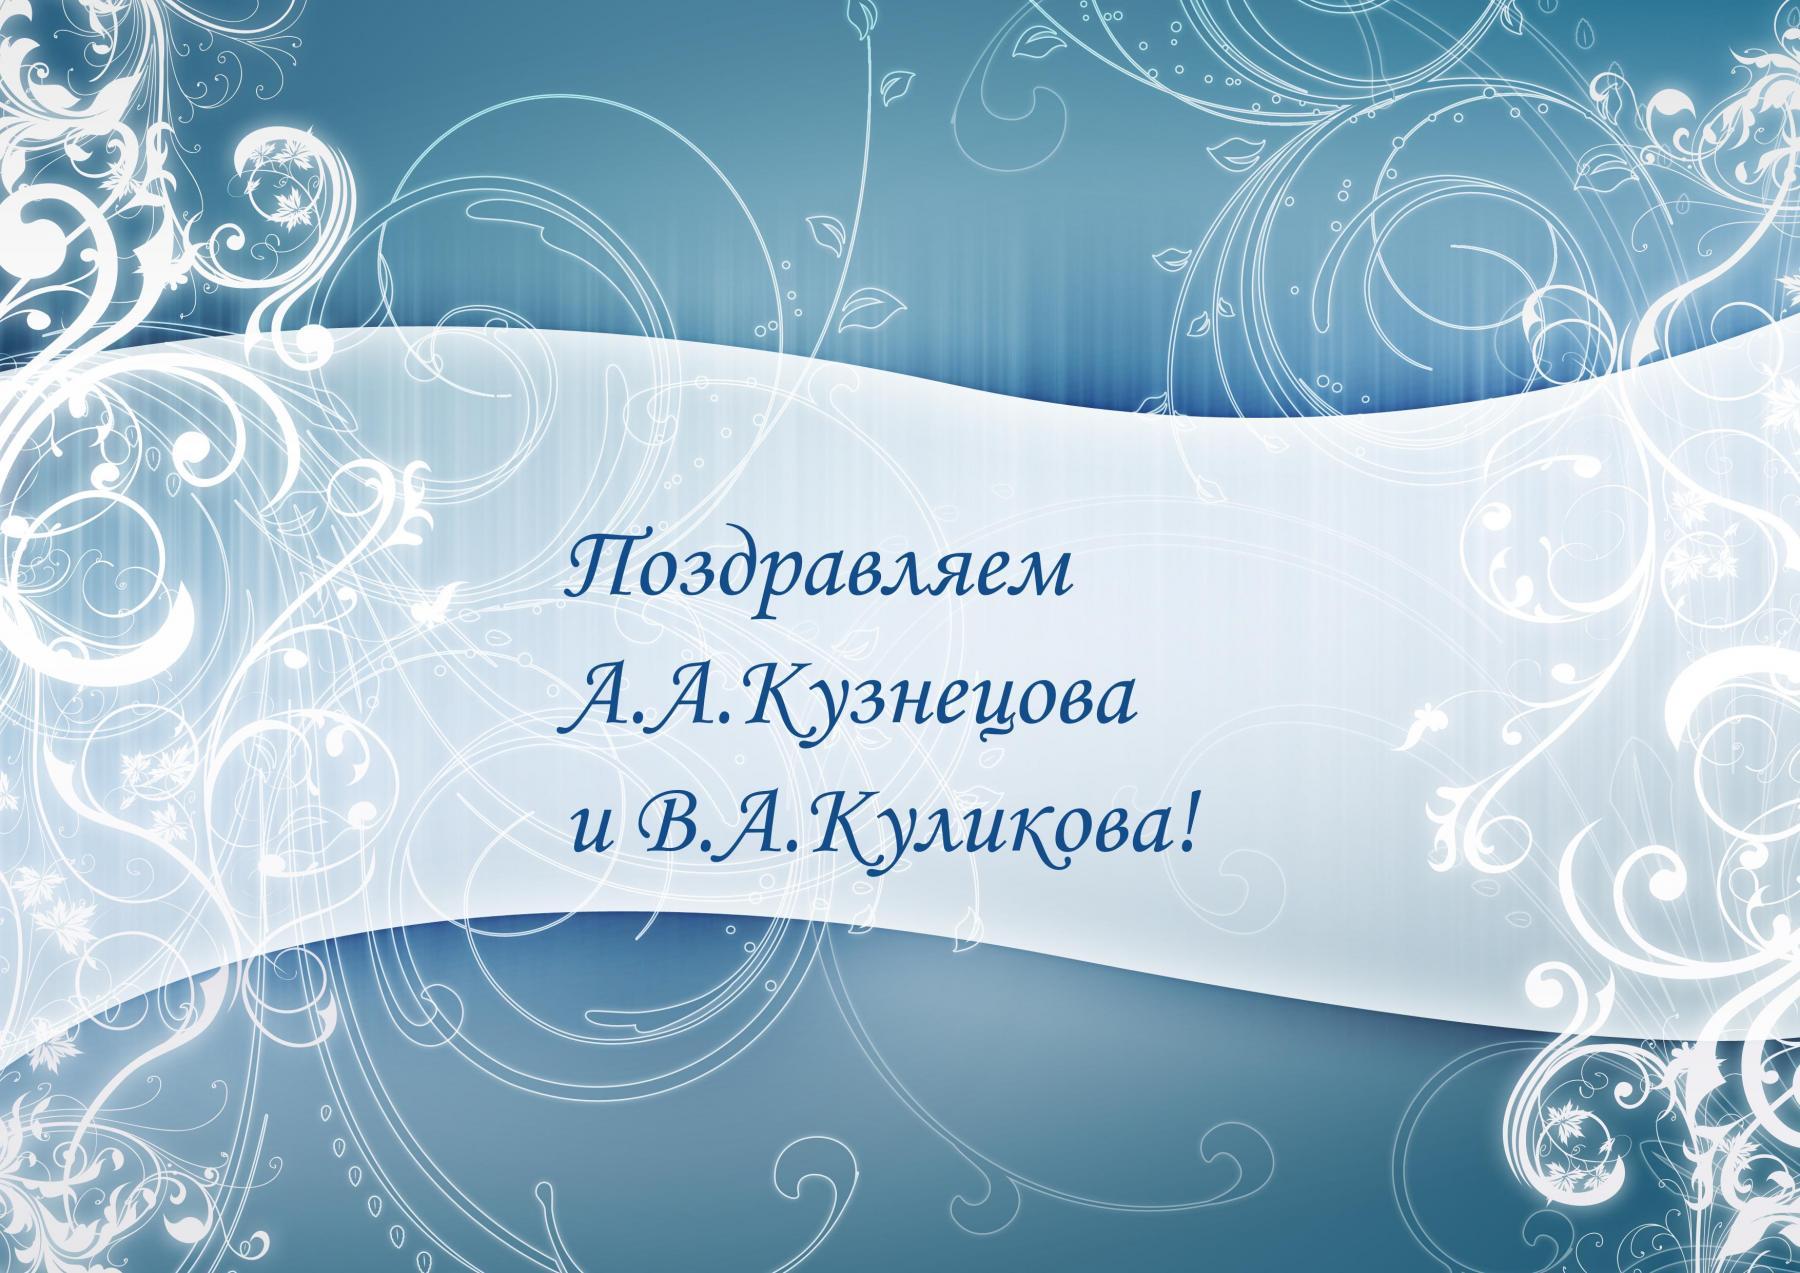 Поздравляем А.А.Кузнецова и В.А.Куликова с защитой диссертаций!